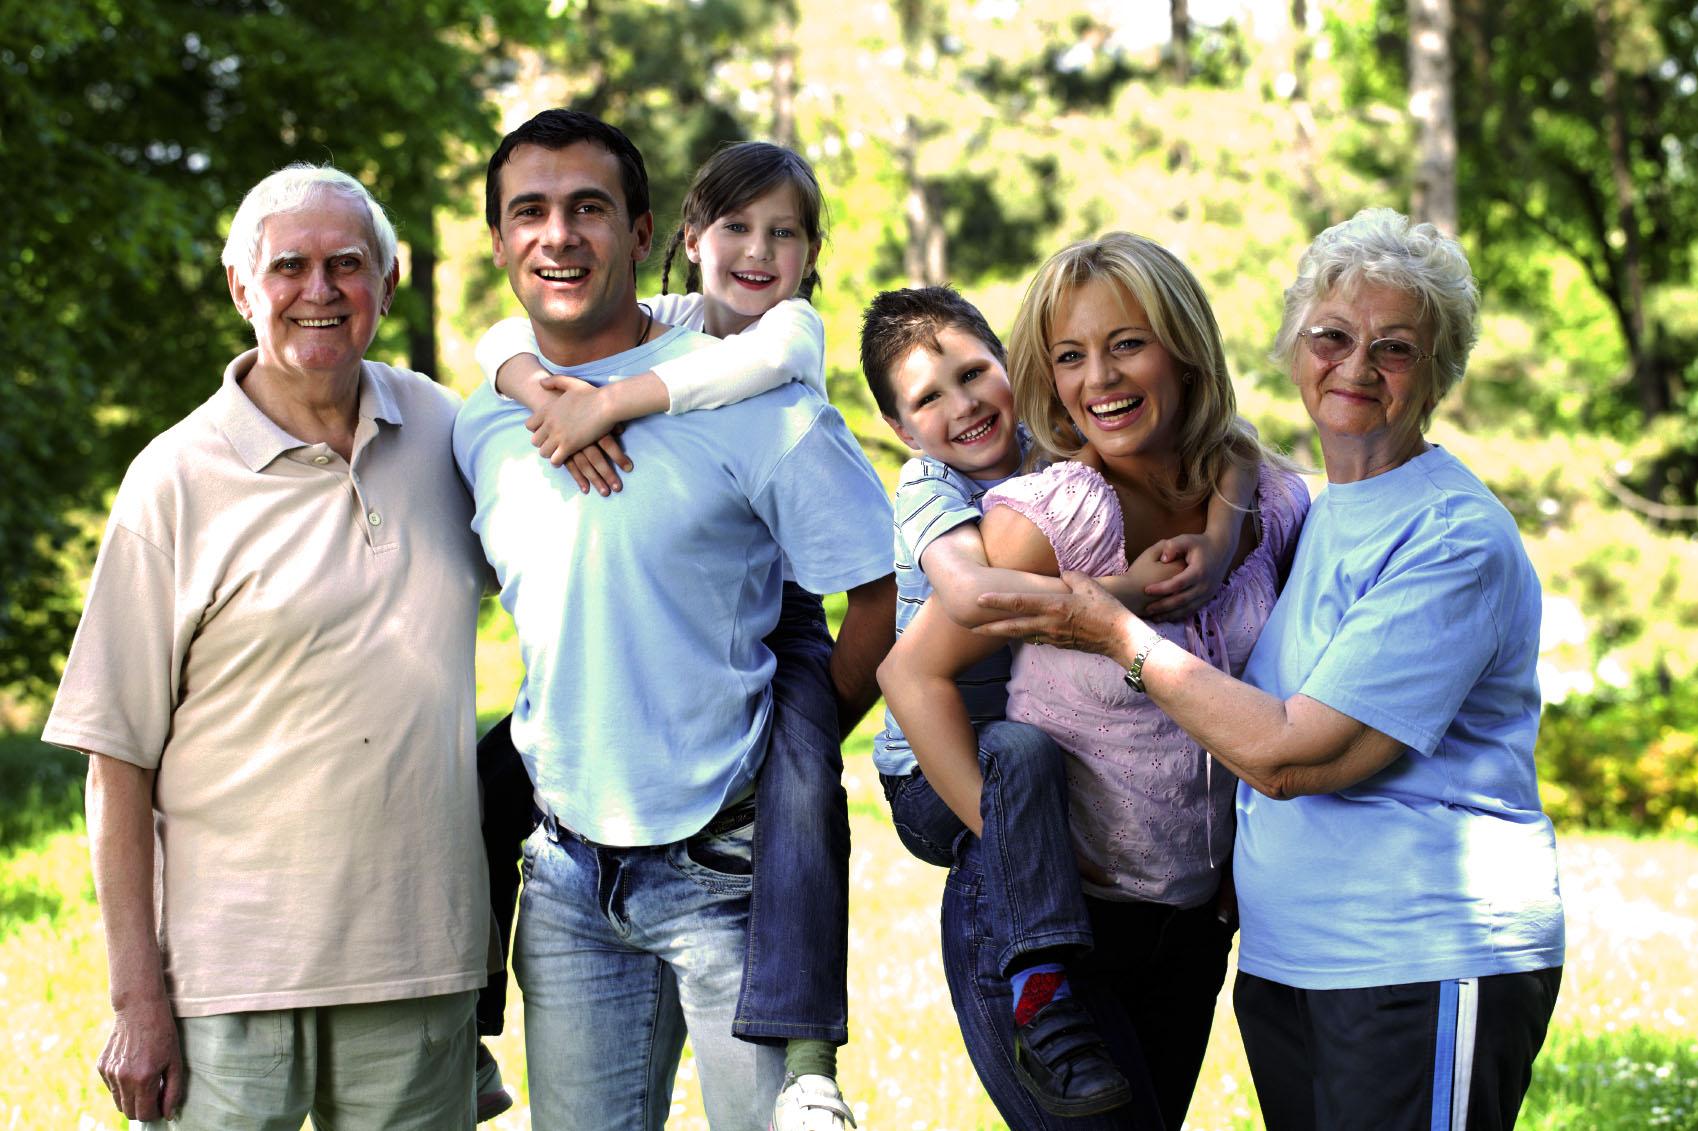 Obitelj je danas ugrožena vrednota